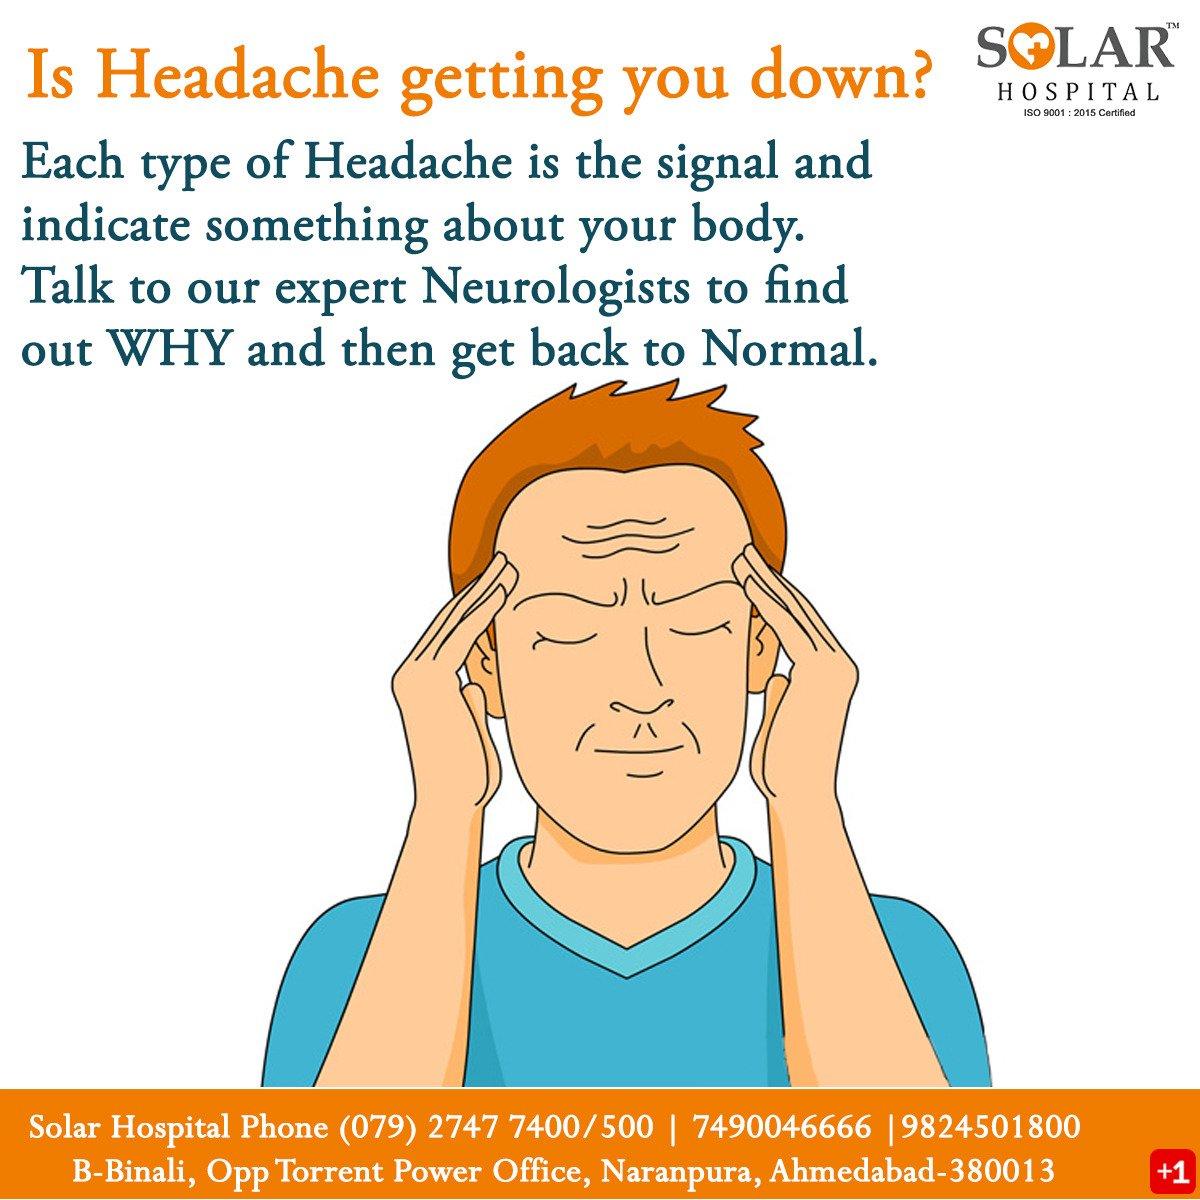 Headache - a signal to help the body